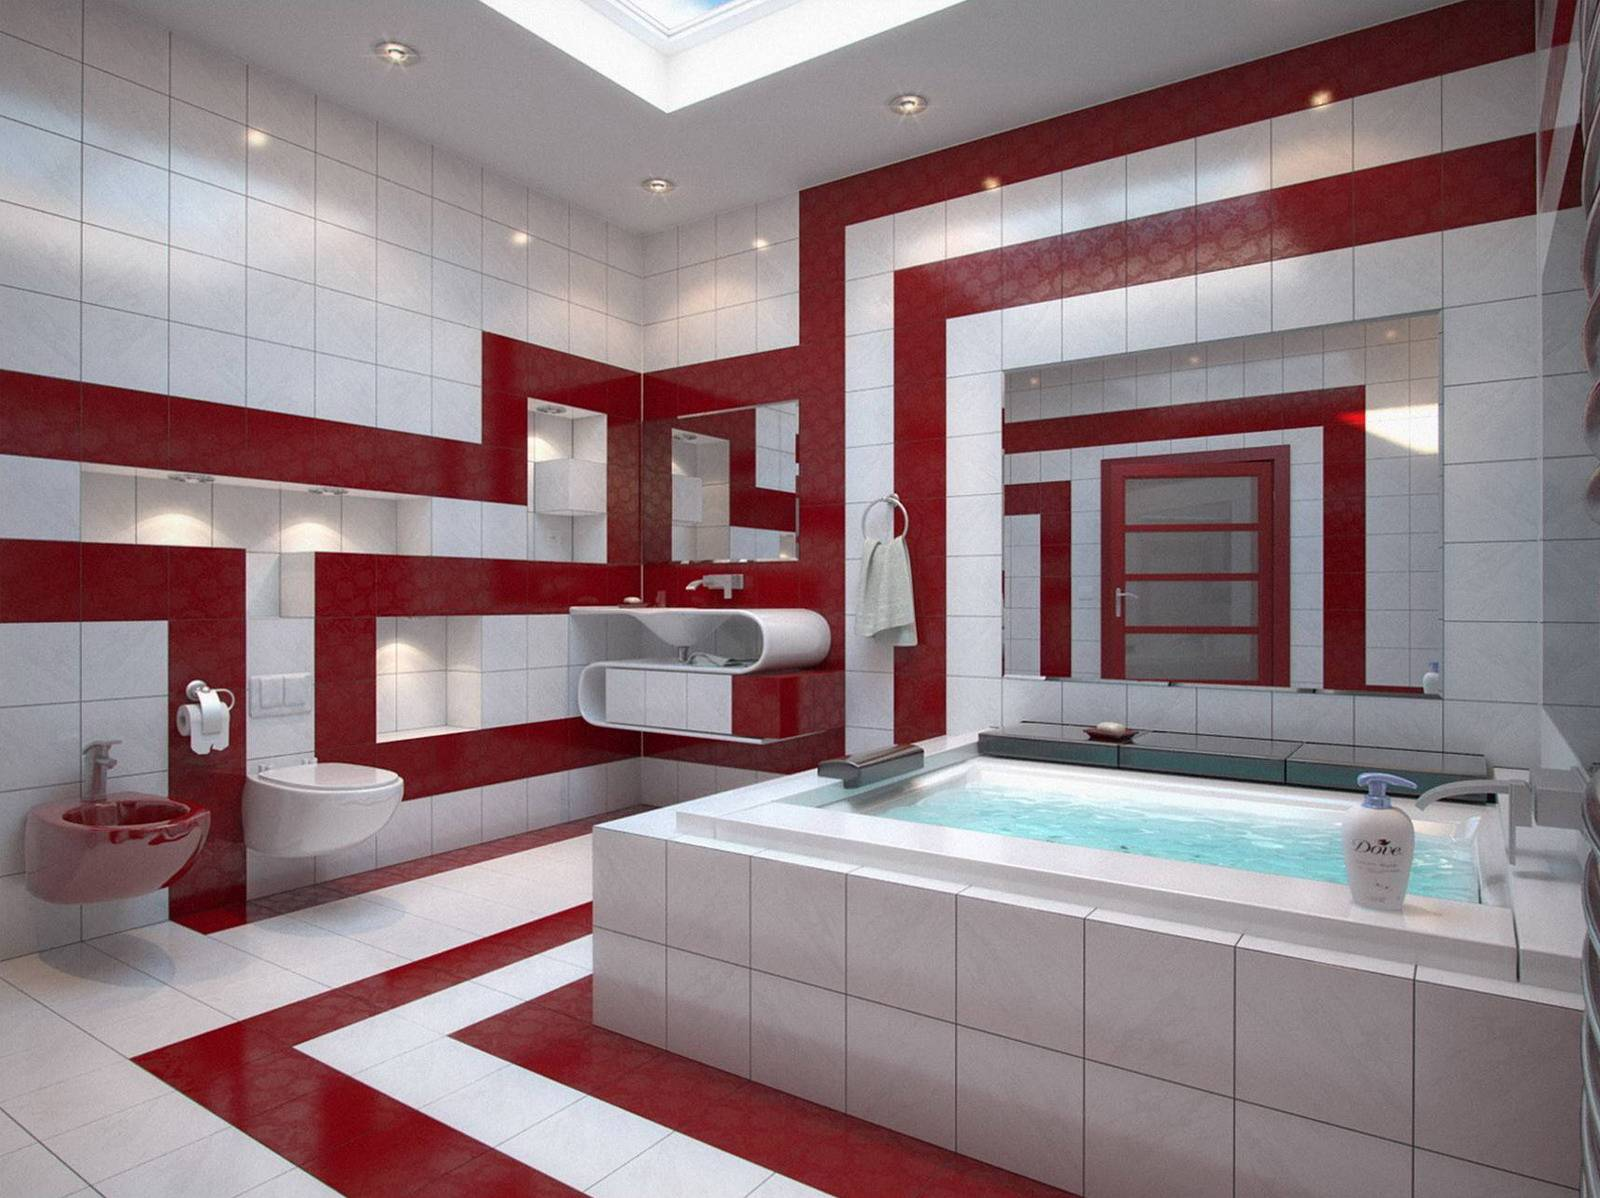 Особенно эффектно будет сочетание бордо и белого в просторной ванной